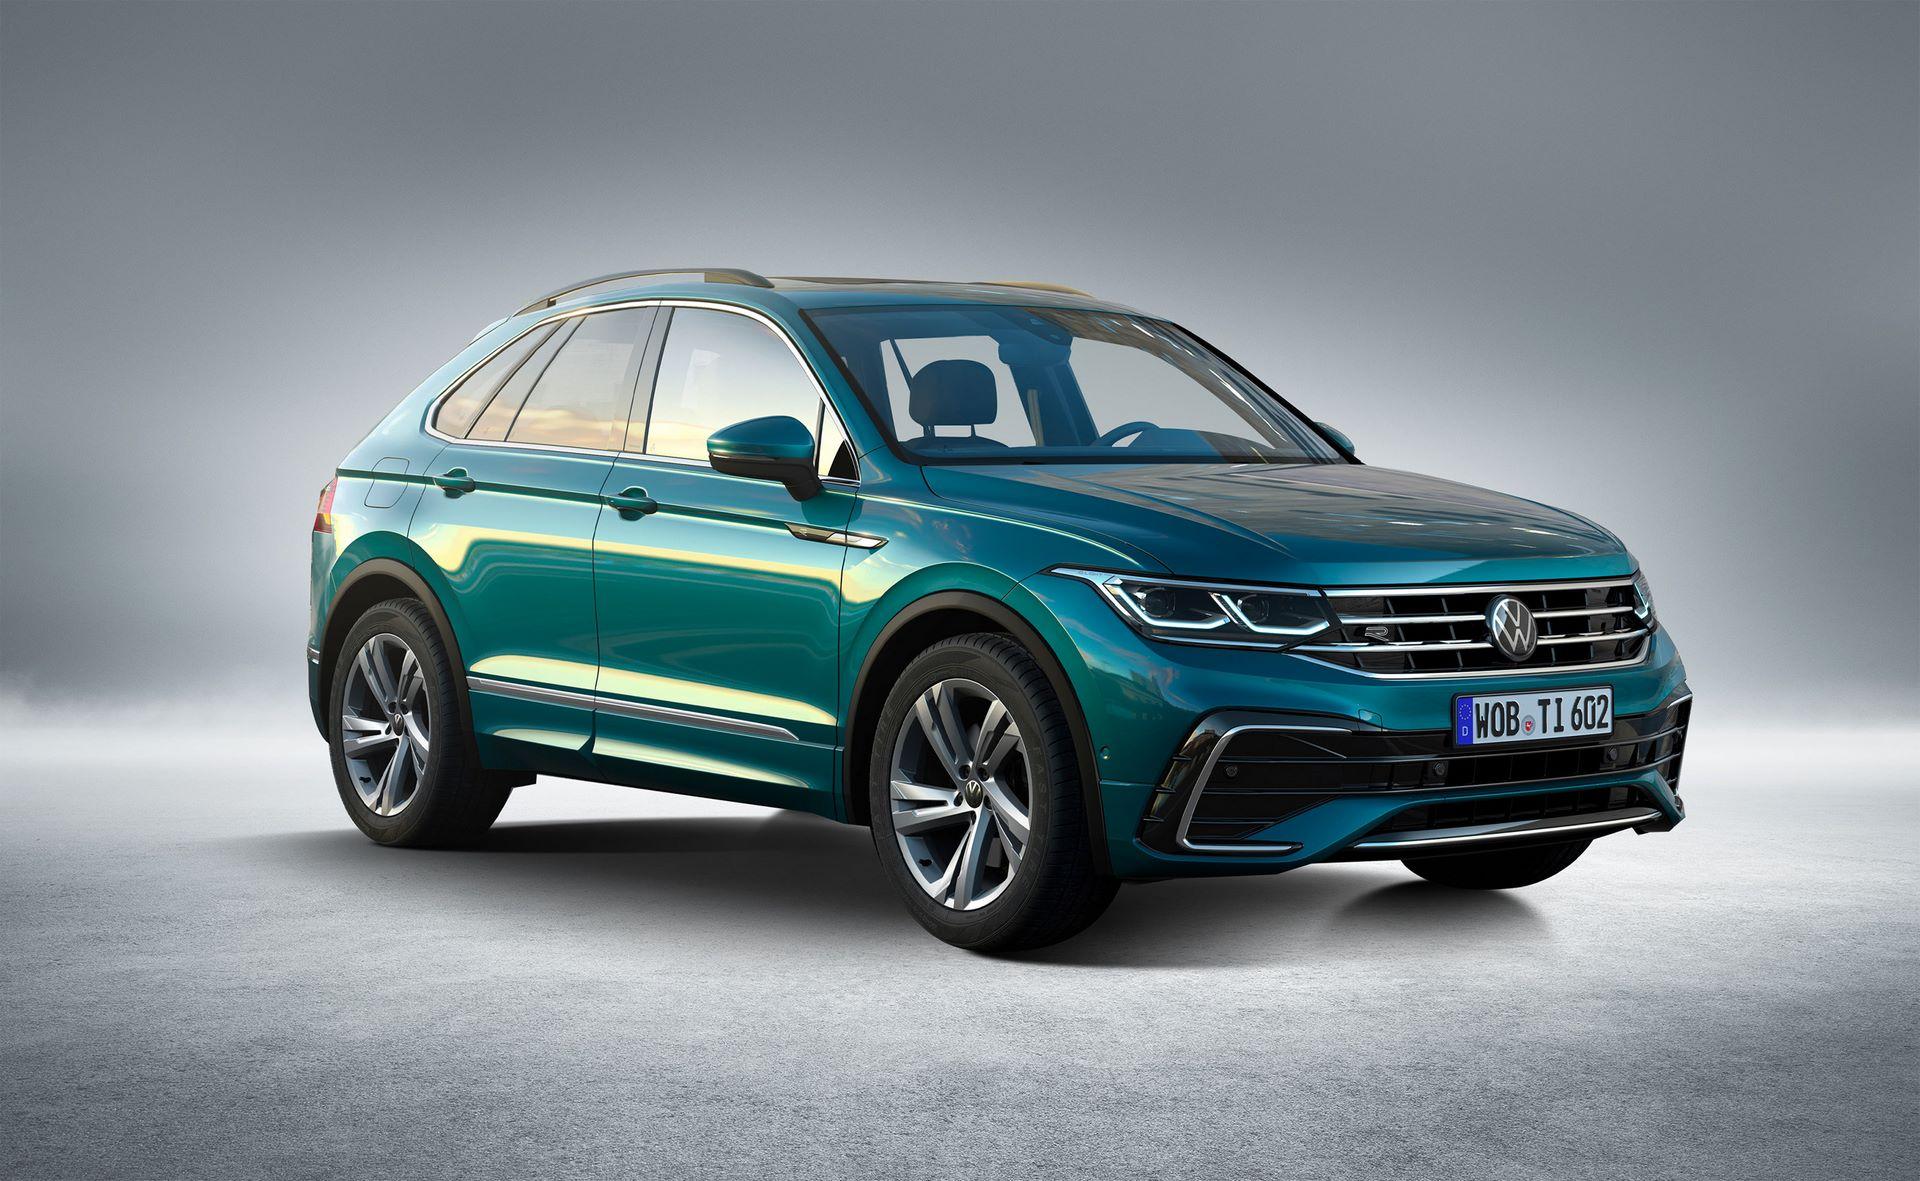 Volkswagen-Tiguan-Coupe-1